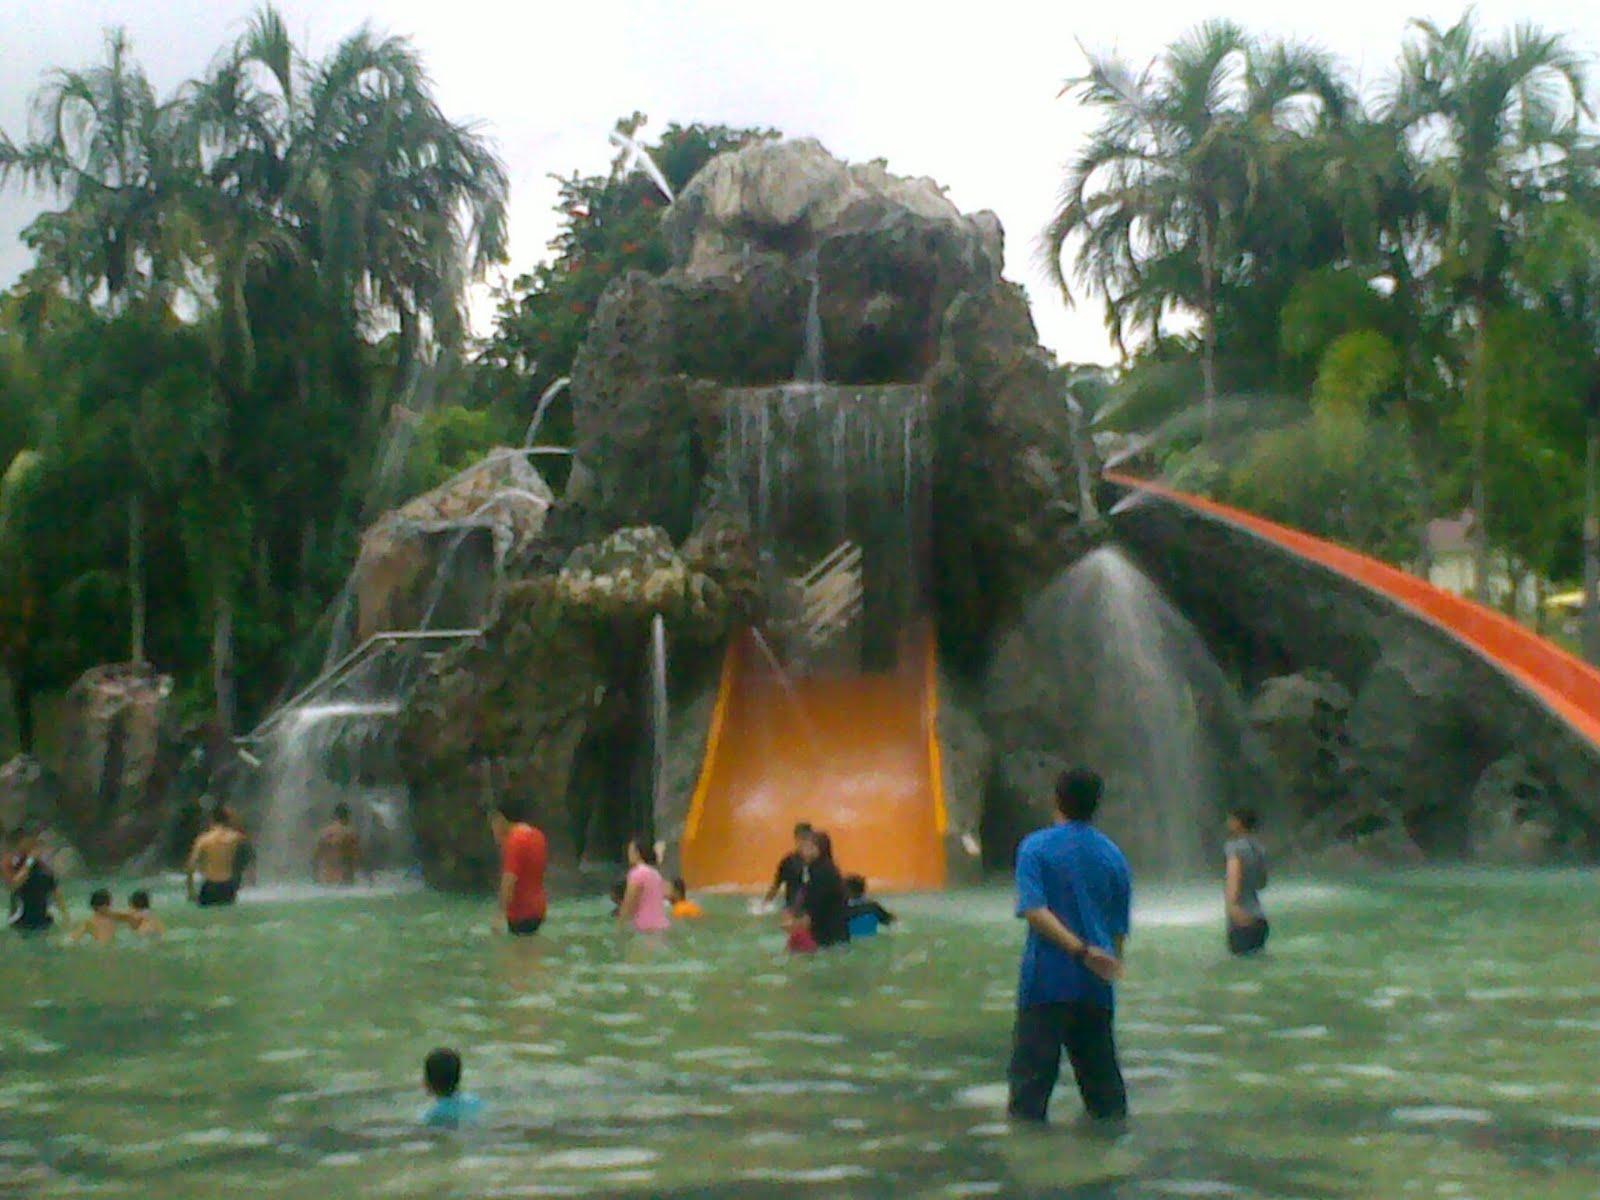 Sungai klah hot springs - Felda Residence Hot Springs Sungai Klah Sungkai Perak Malaysia